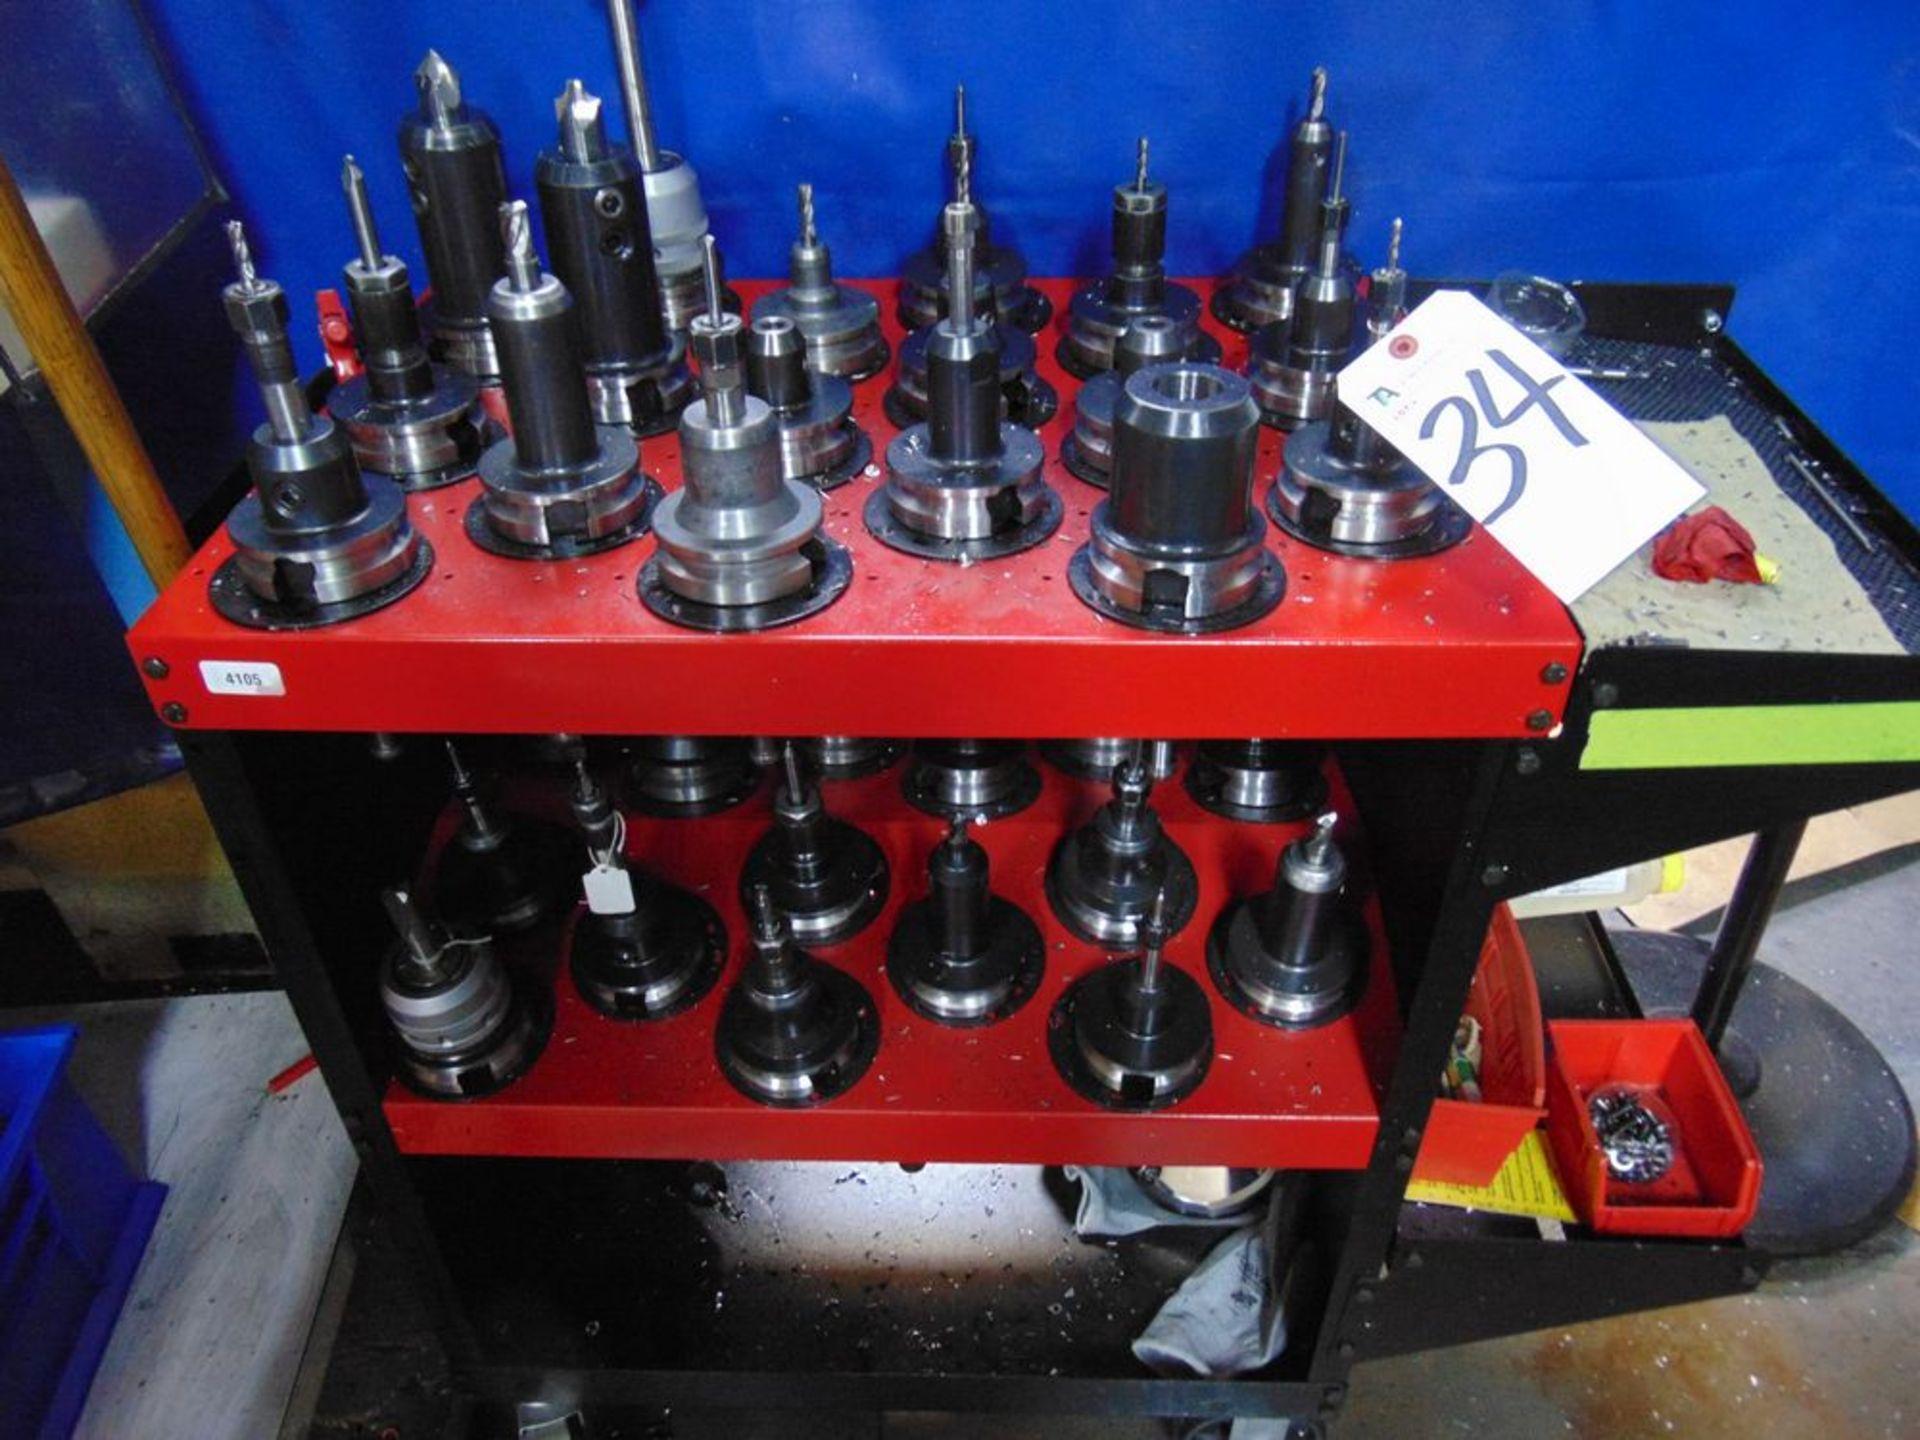 Lot 34 - Tecnara & Others, 50 Taper Tool Holders w/ Cart